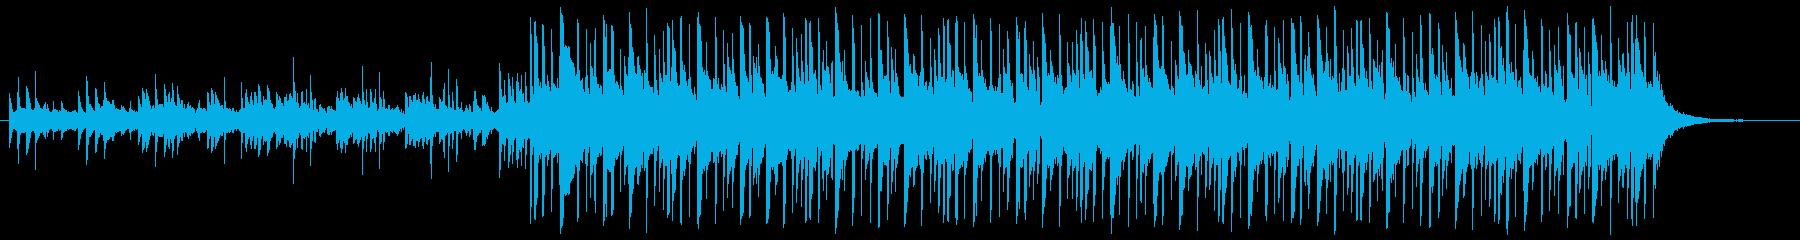 クリスマス ホリデー 鈴 リラックスの再生済みの波形